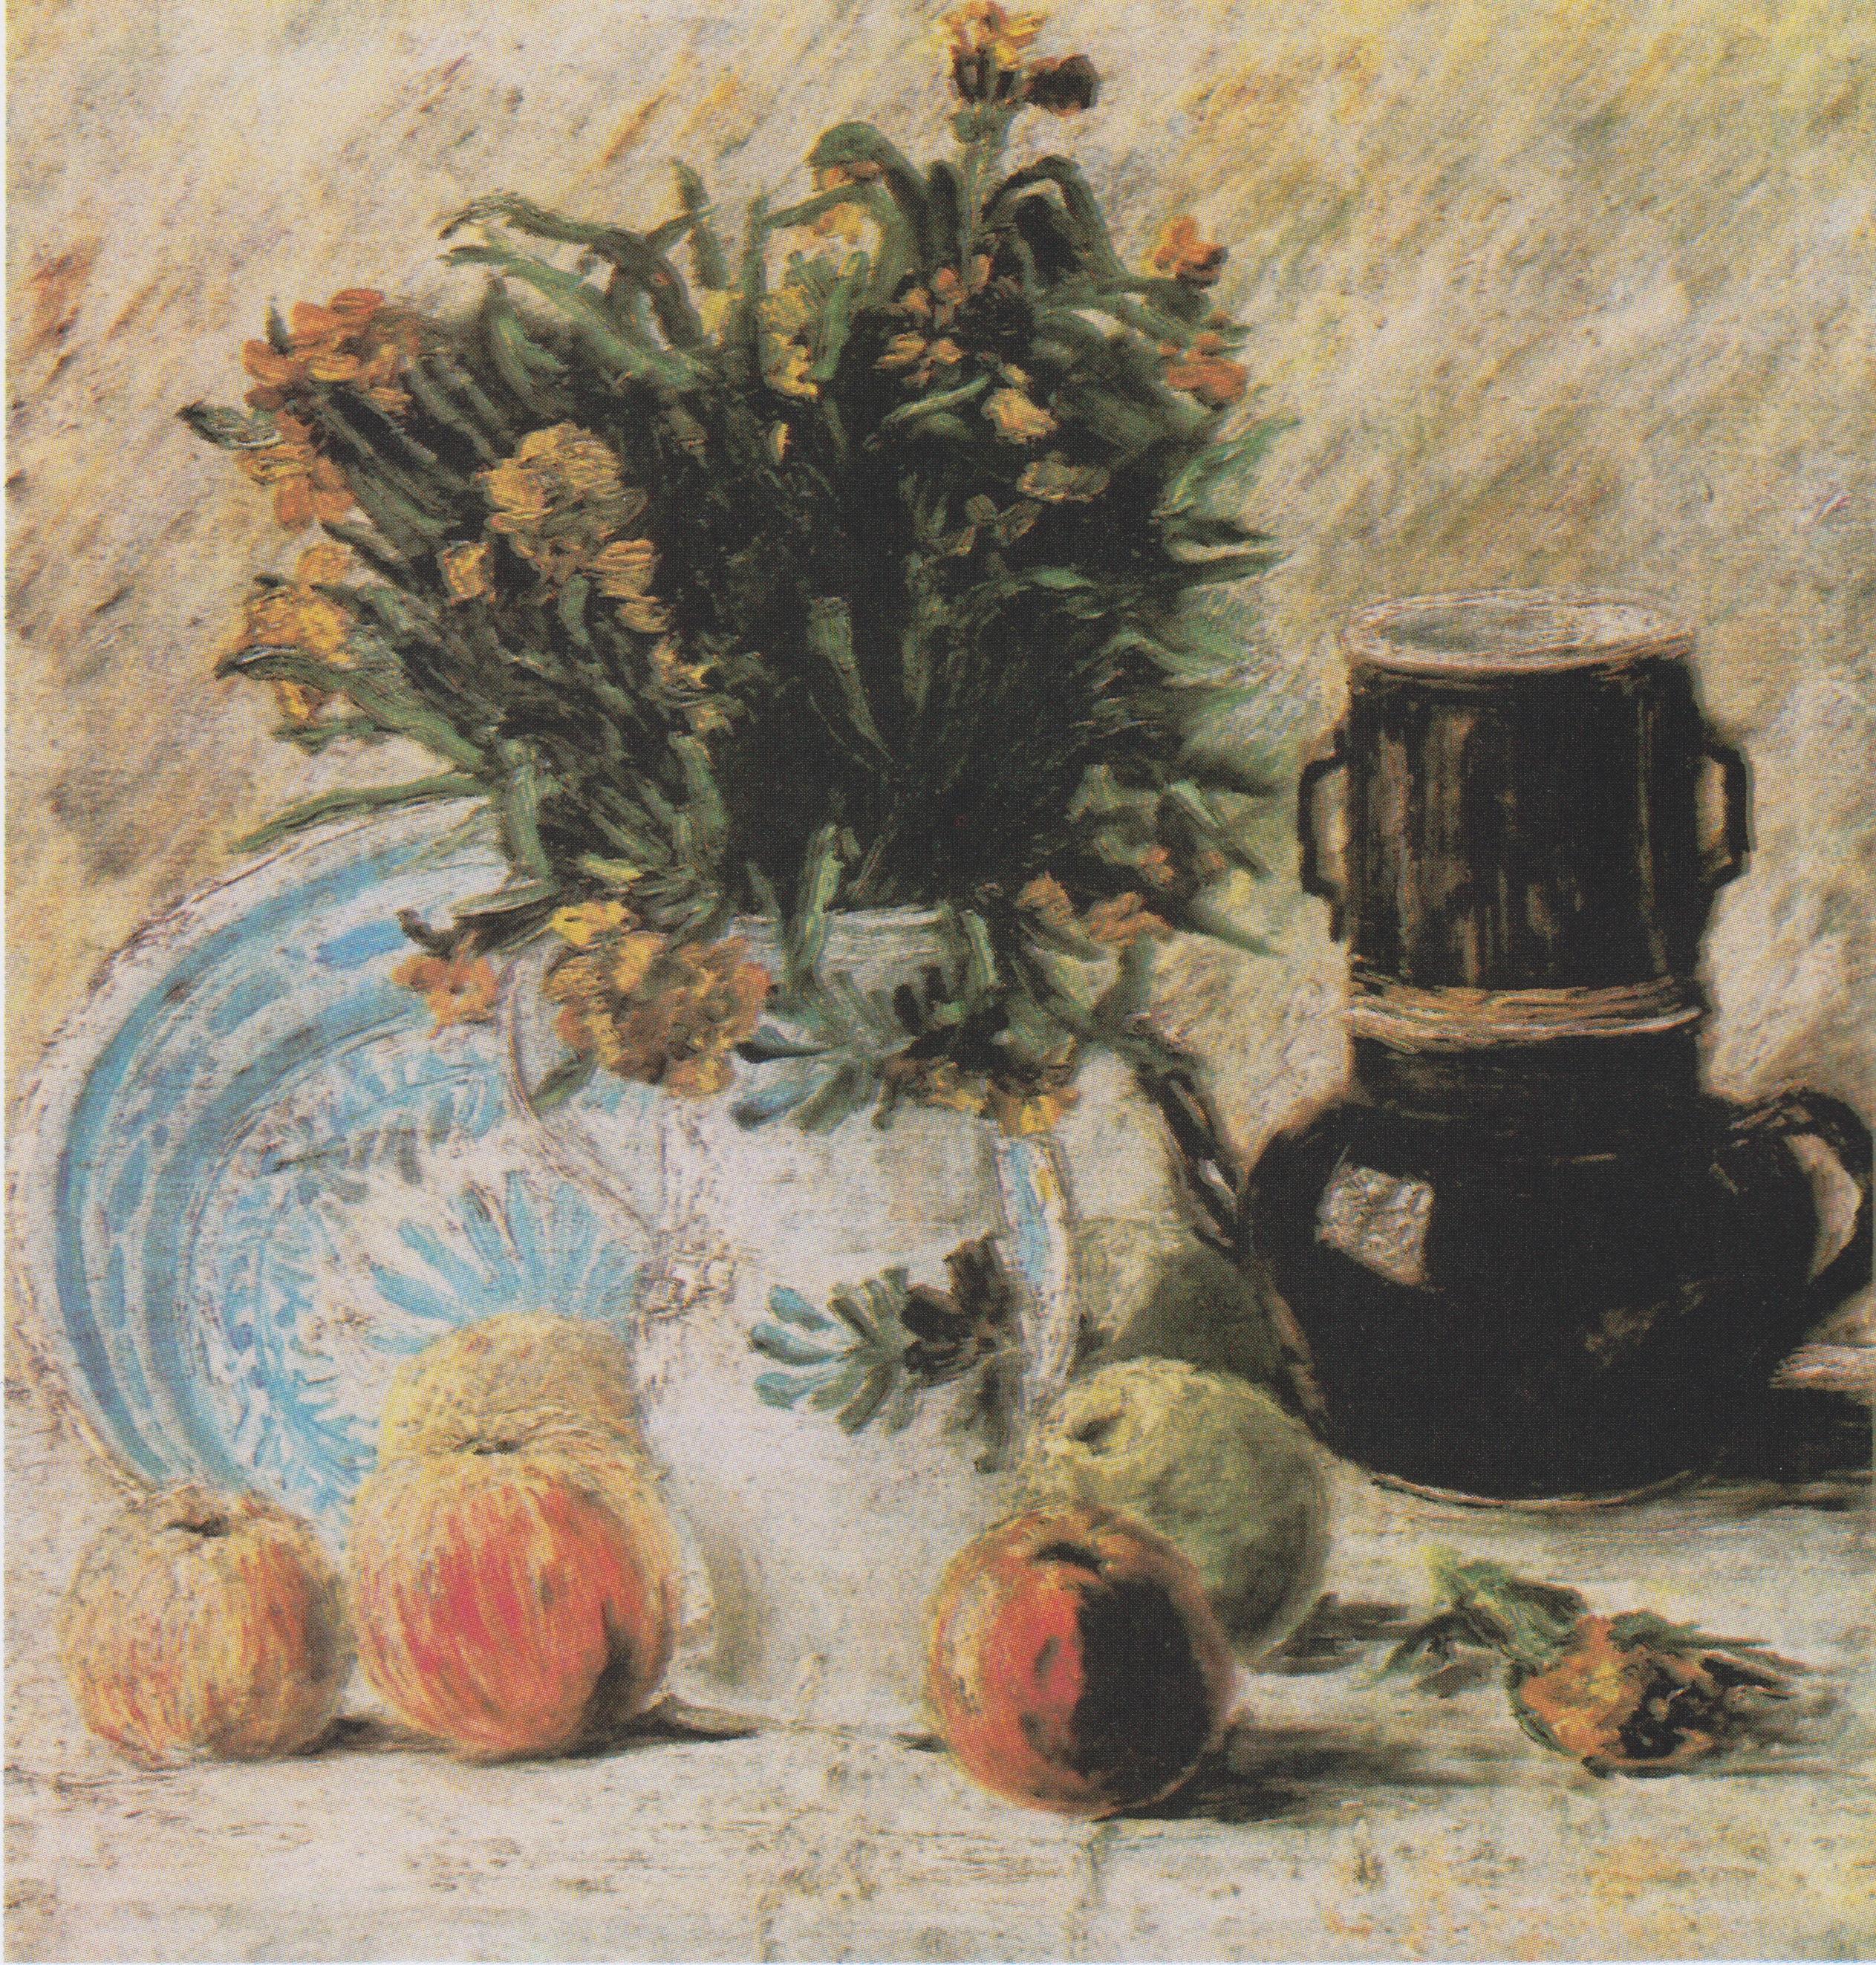 Fabelhaft File:Van Gogh - Vase mit Blumen, Kaffeekanne und Früchte.jpeg &NZ_67